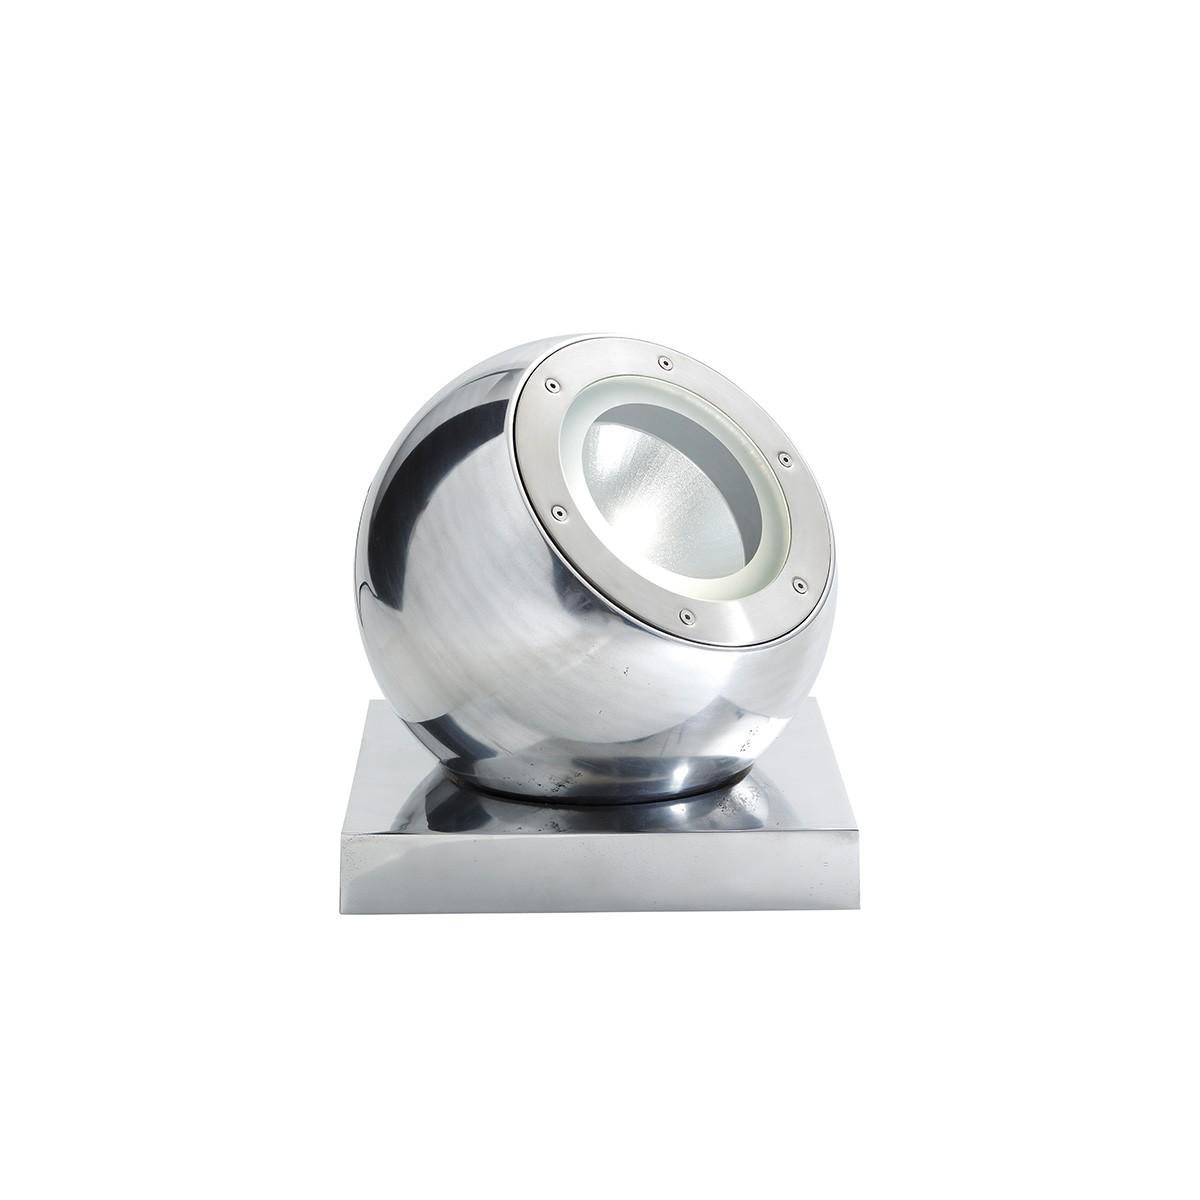 Fabbian Beluga Alu Tischleuchte, Aluminium poliert, Fassung: E27